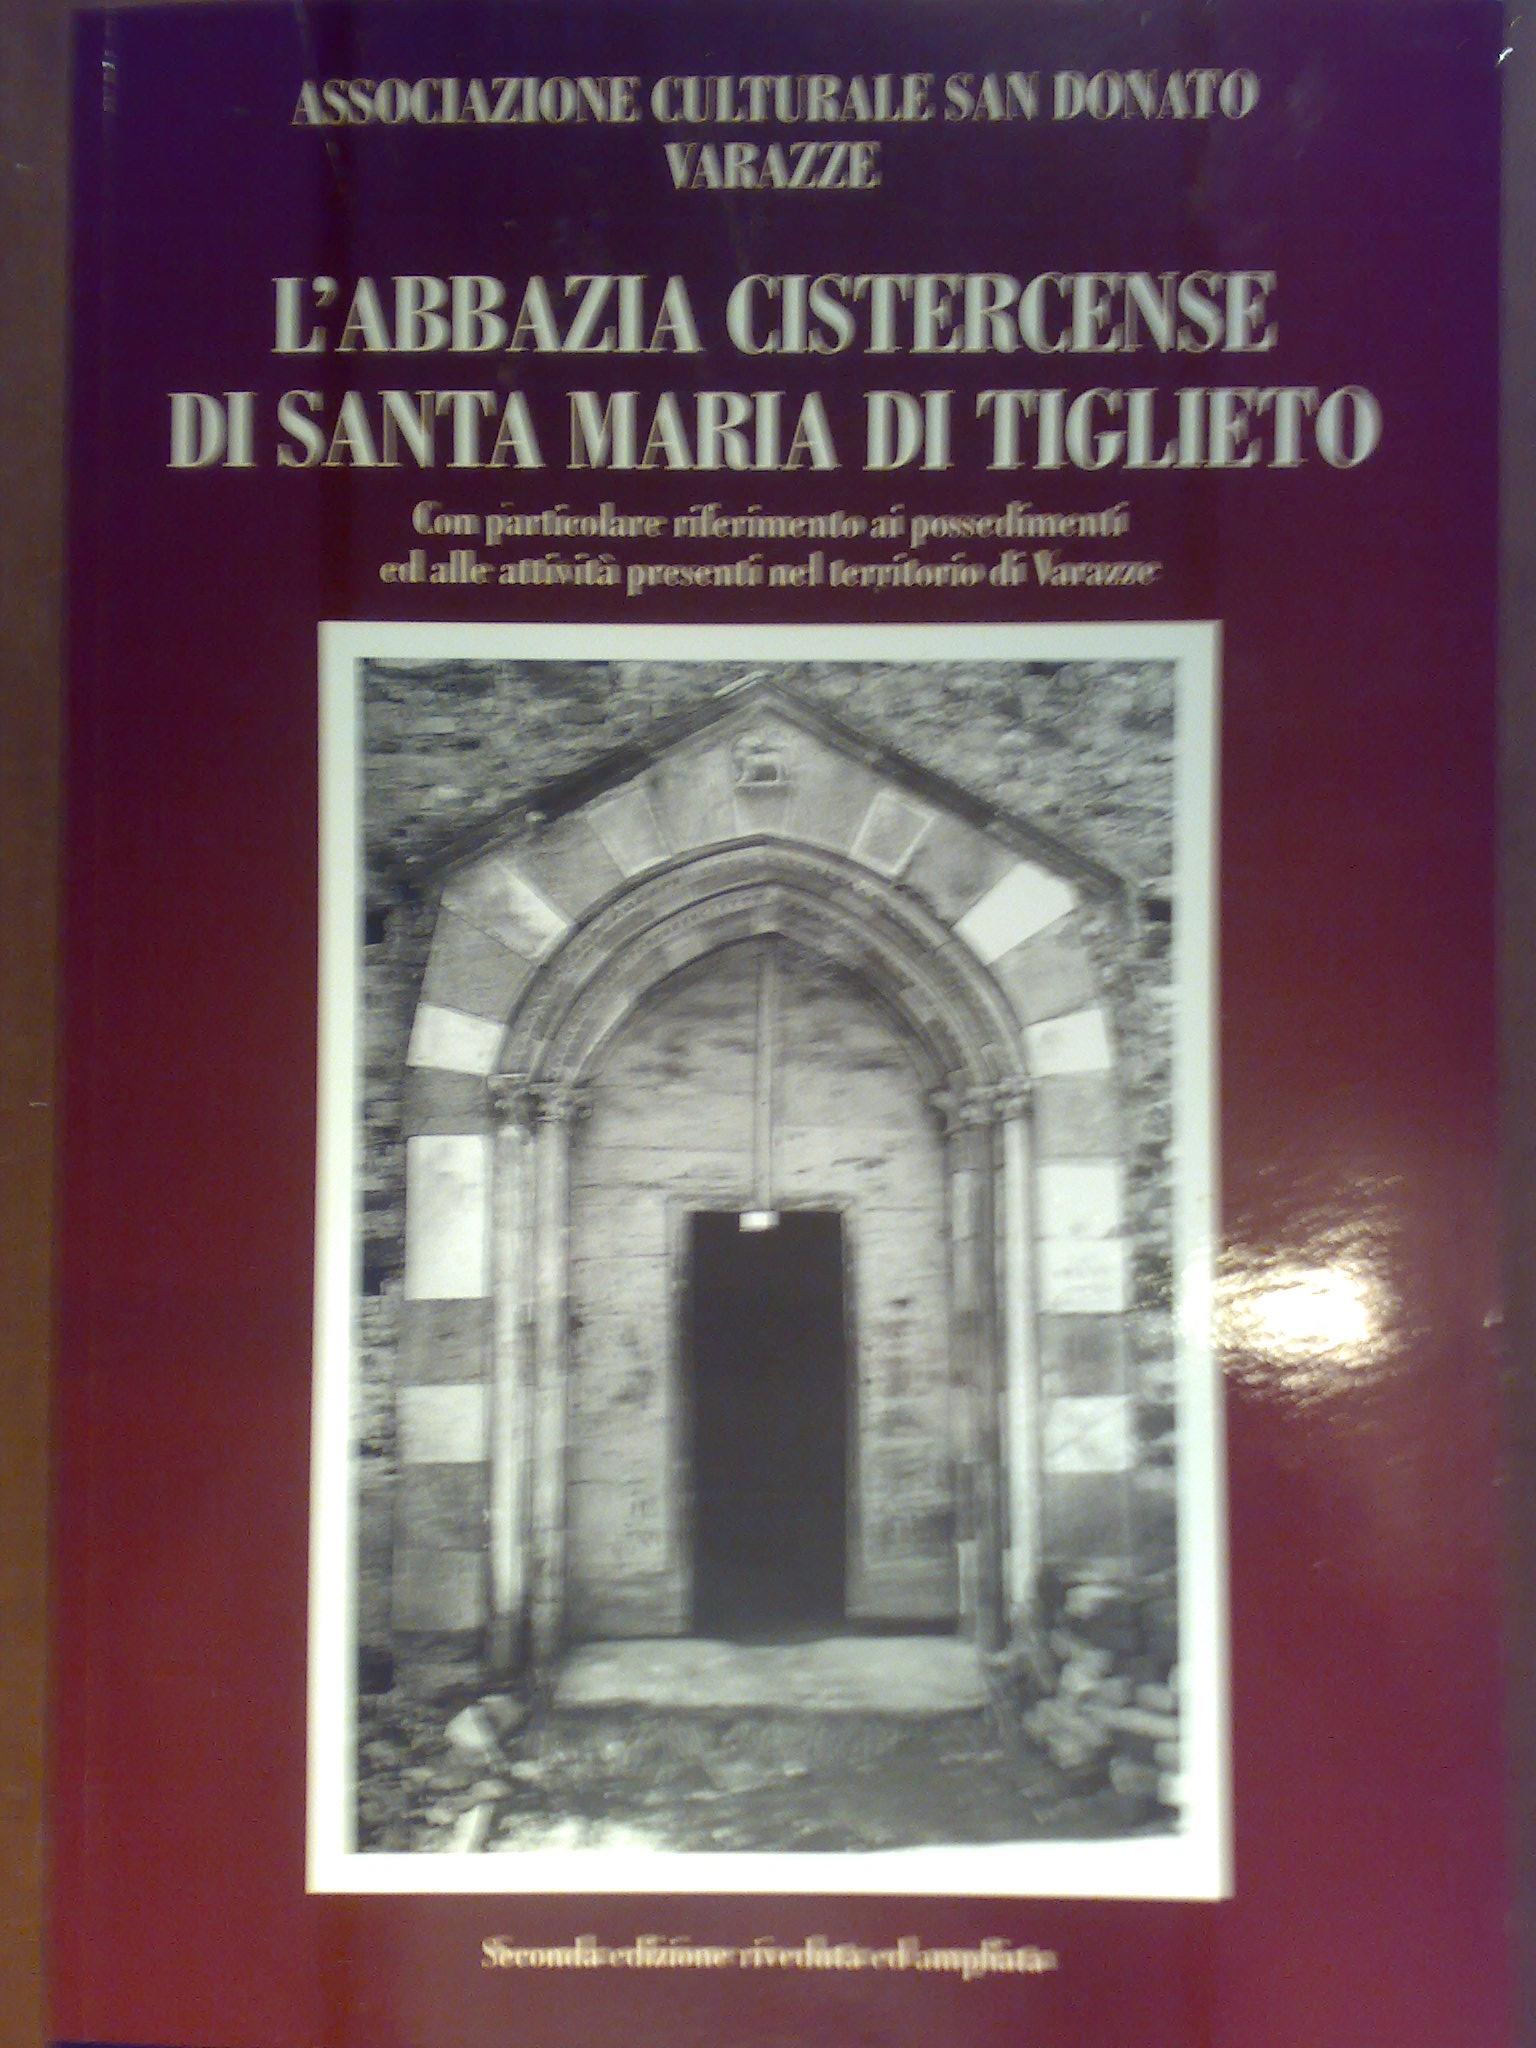 L'Abbazia cistercense di Santa Maria di Tiglieto